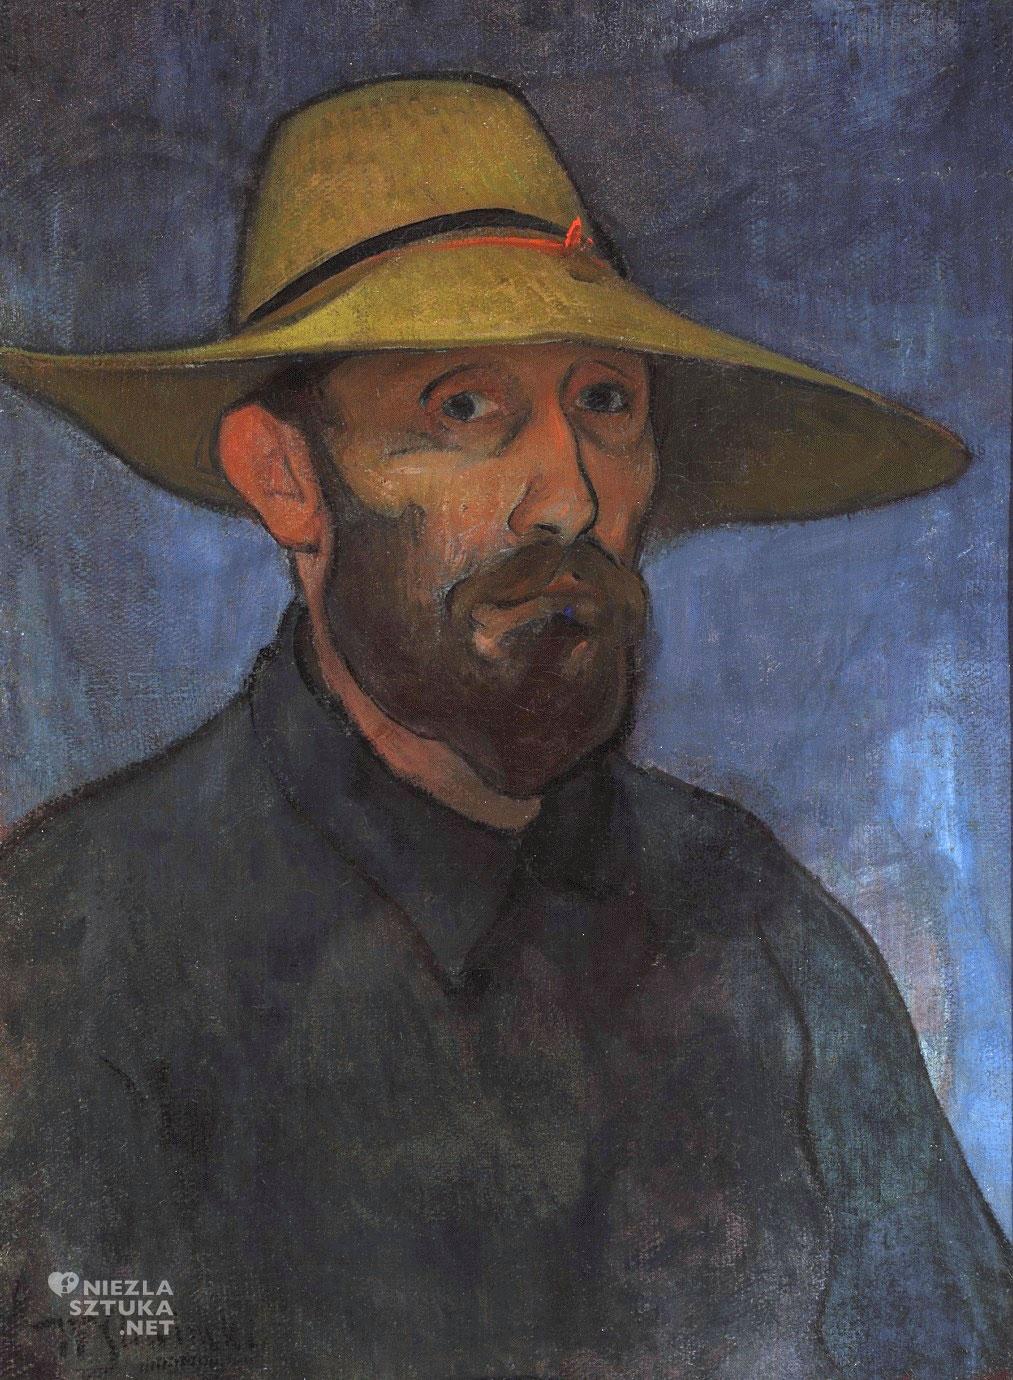 Władysław Ślewiński <em>Autoportret w słomkowym kapeluszu</em> | 1894, Muzeum Narodowe w Warszawie